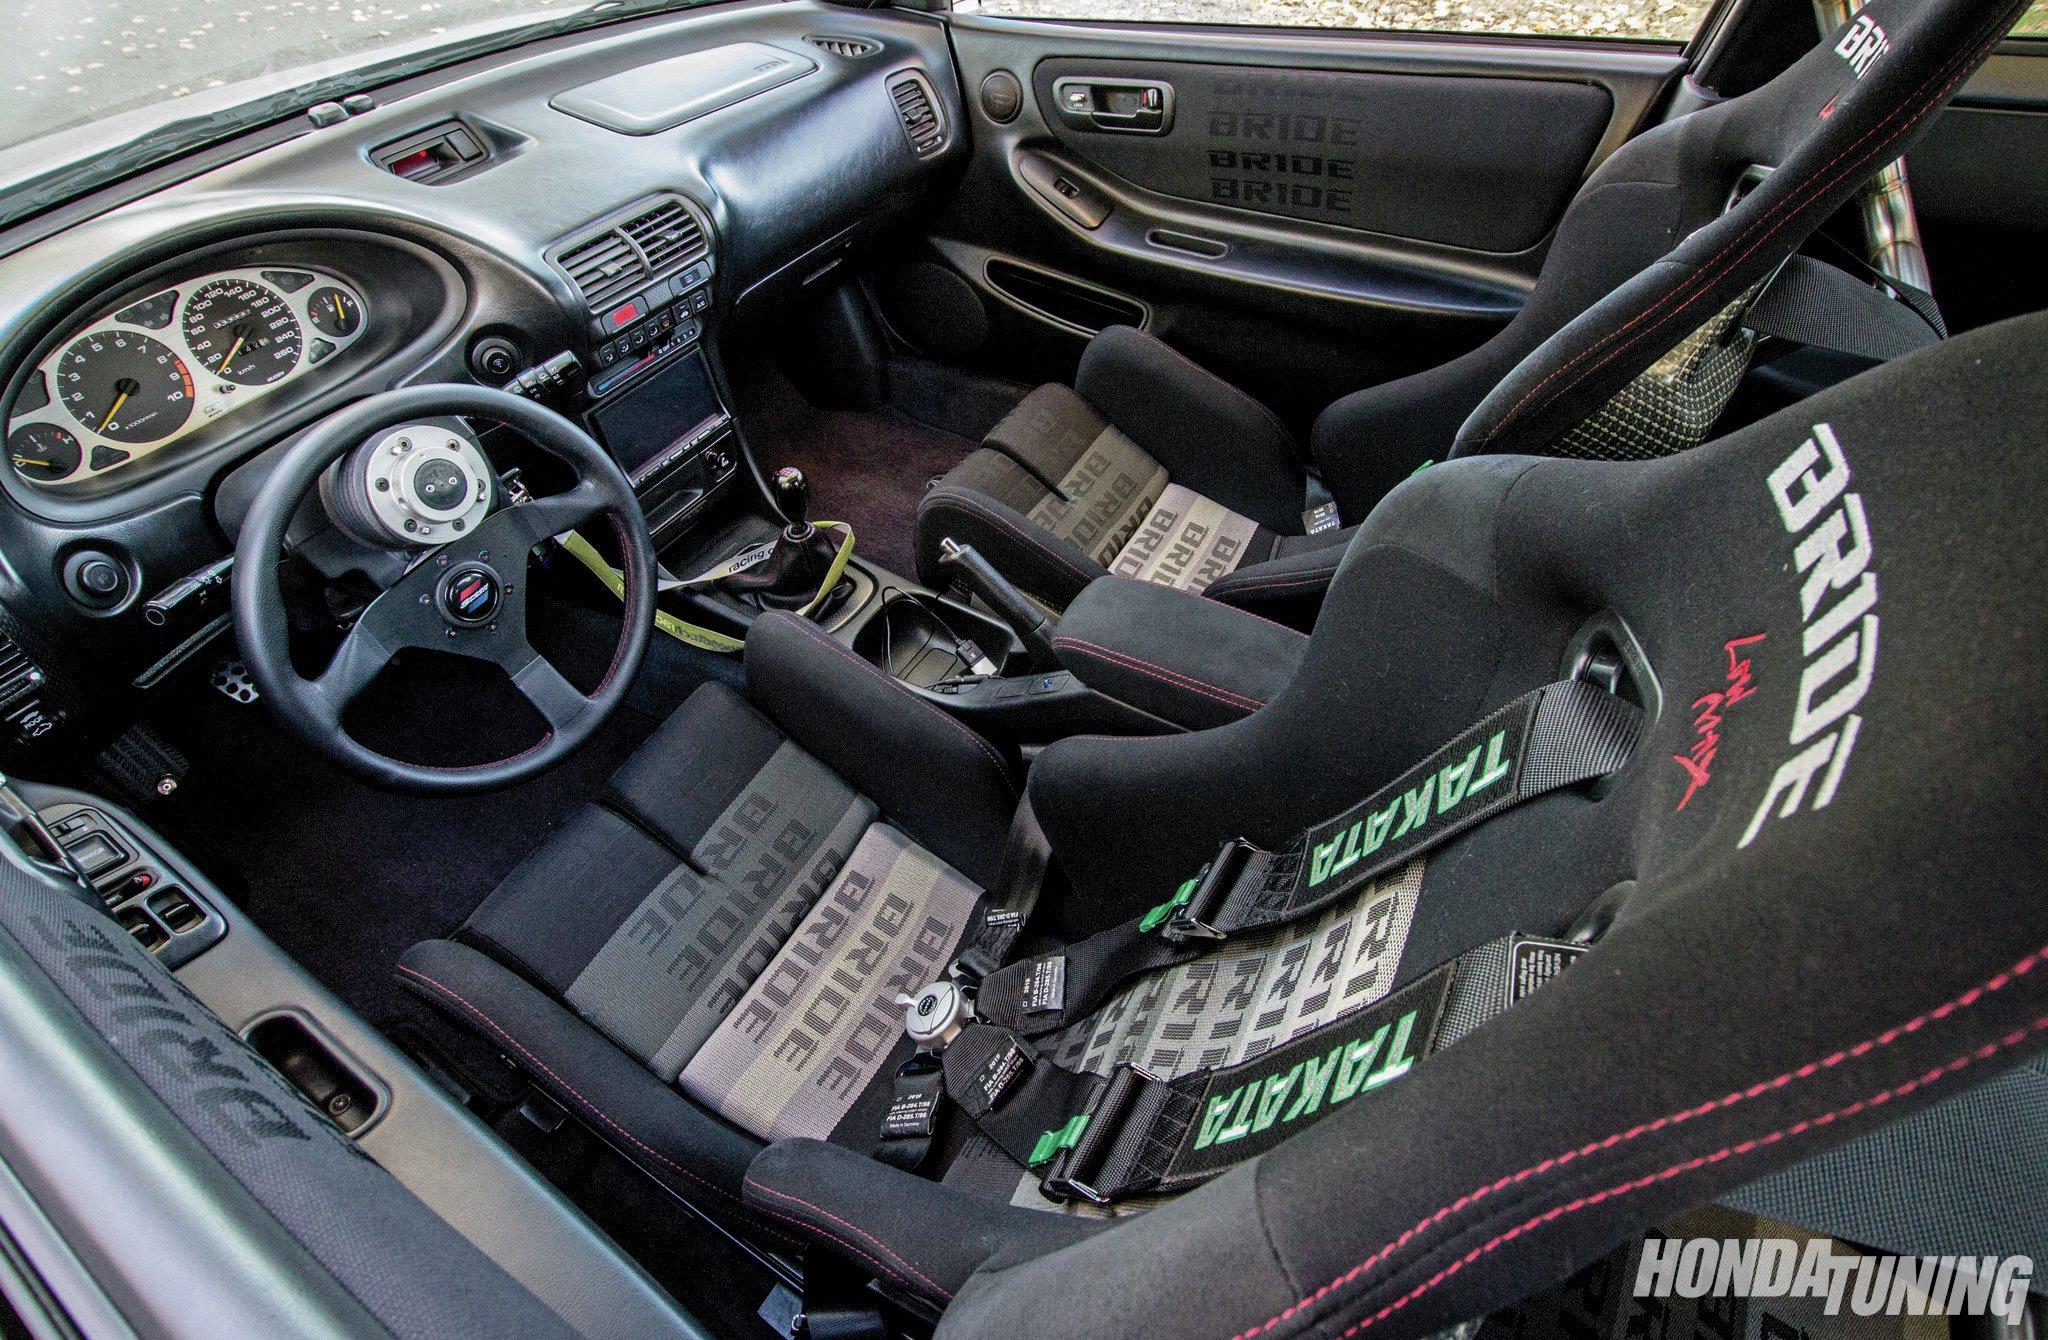 2000 Acura Integra Gsr K I S S